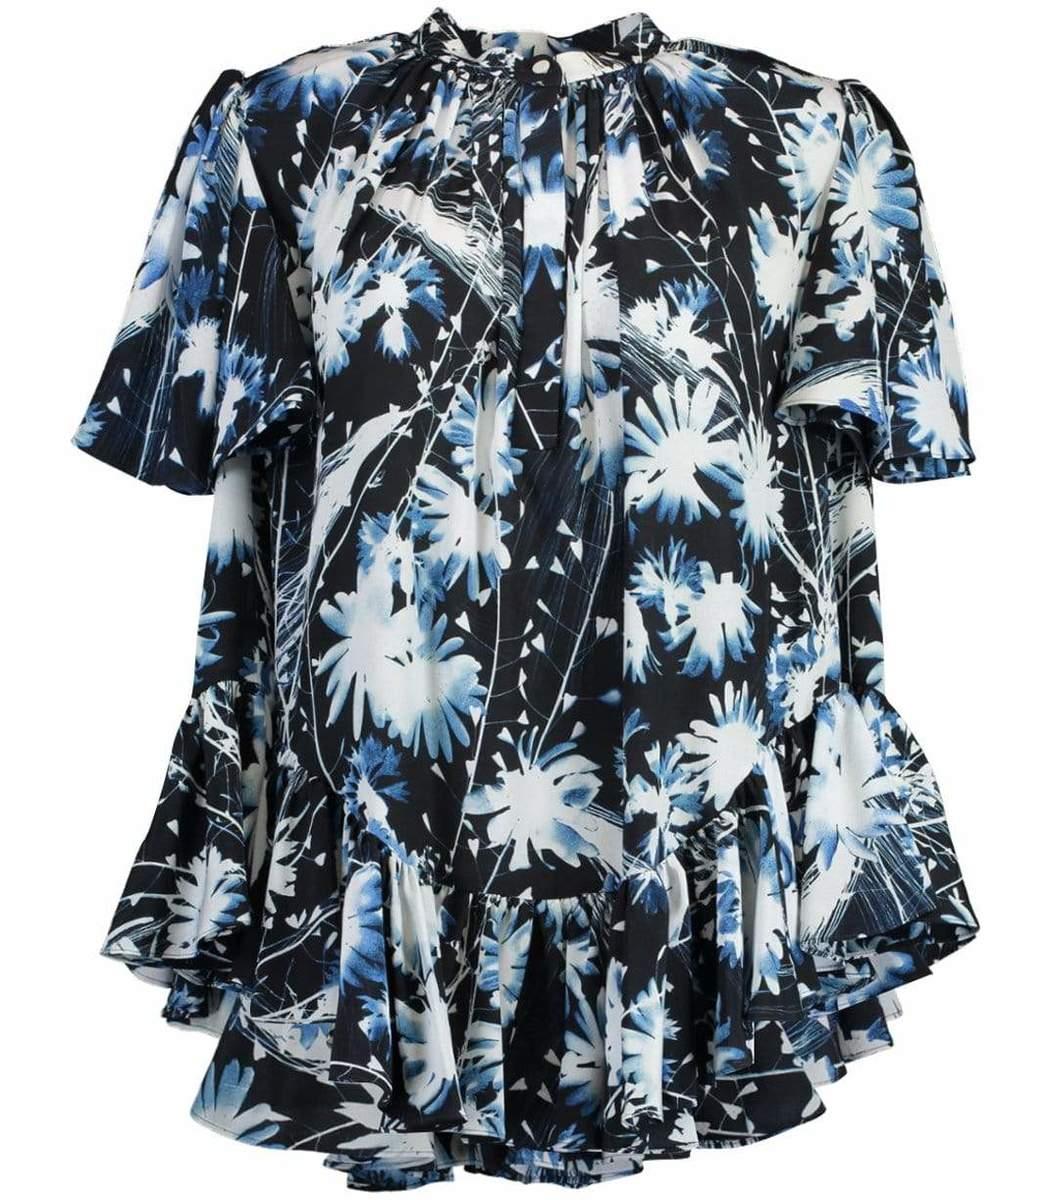 Alexander Mcqueen Ruffled A-Line Print Shirt